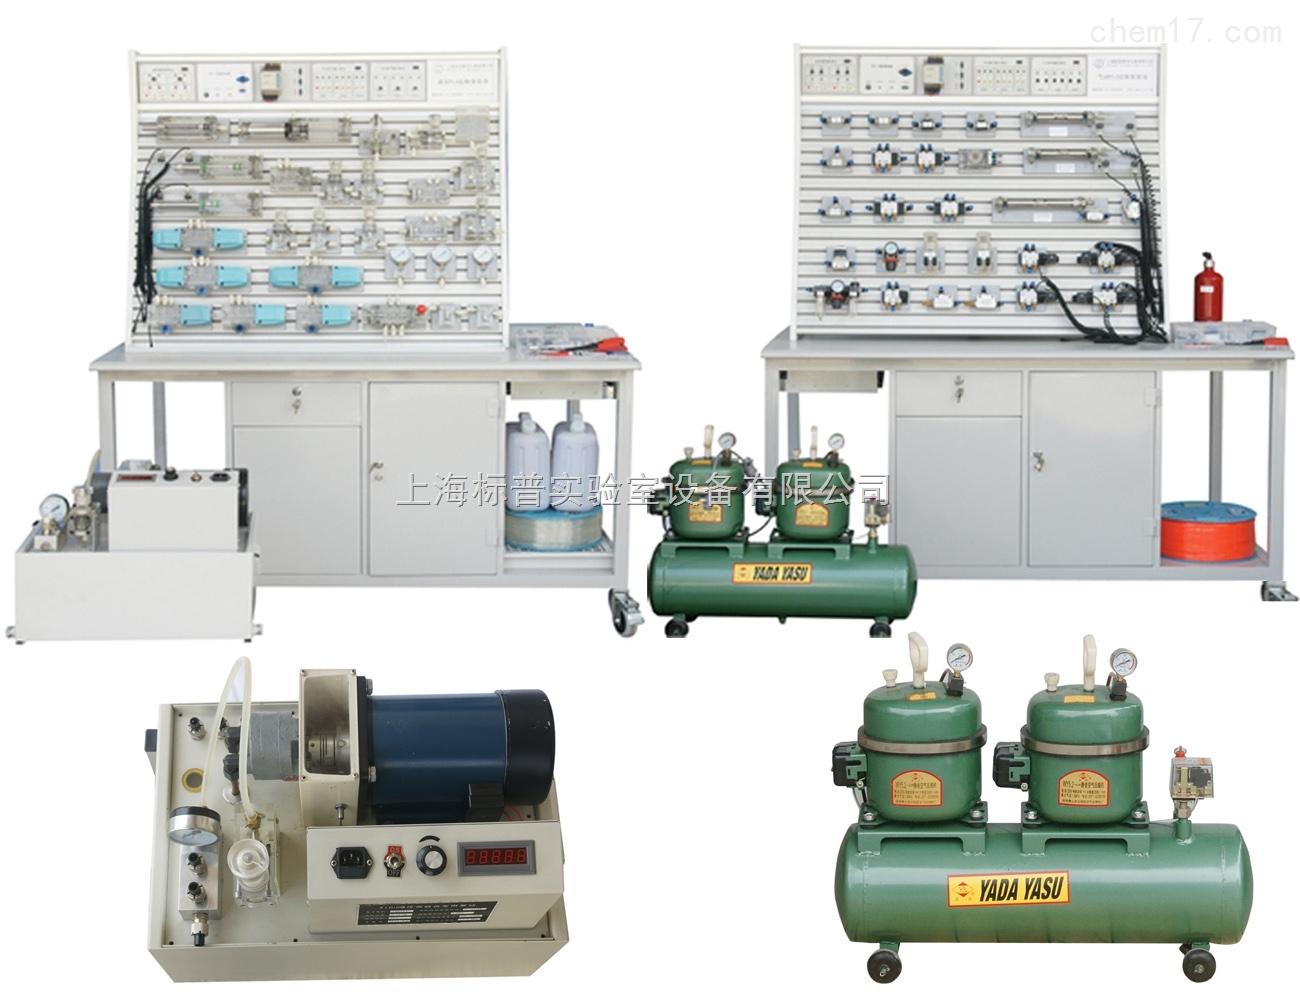 铝槽式铁桌液压气动PLC控制实验台|液压与气动实训装备